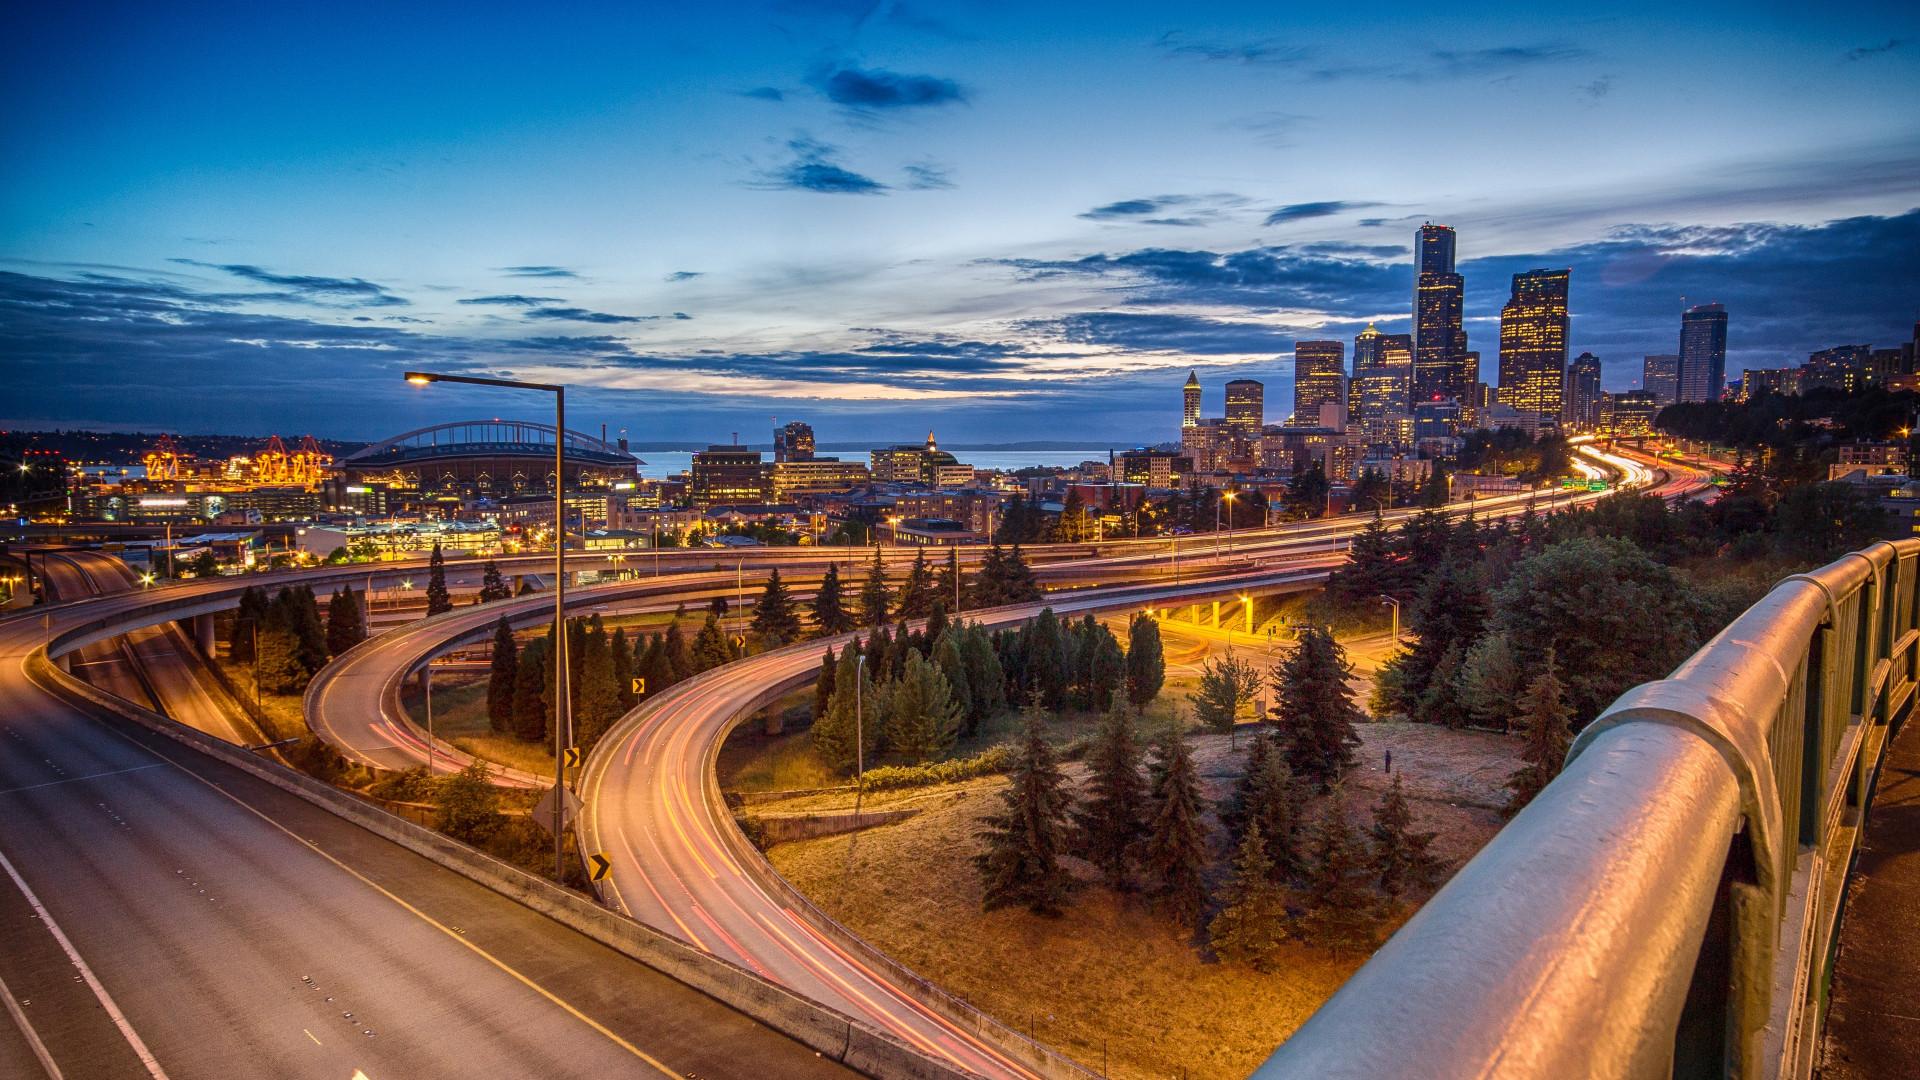 Download Wallpaper Seattle Skyline 1920x1080